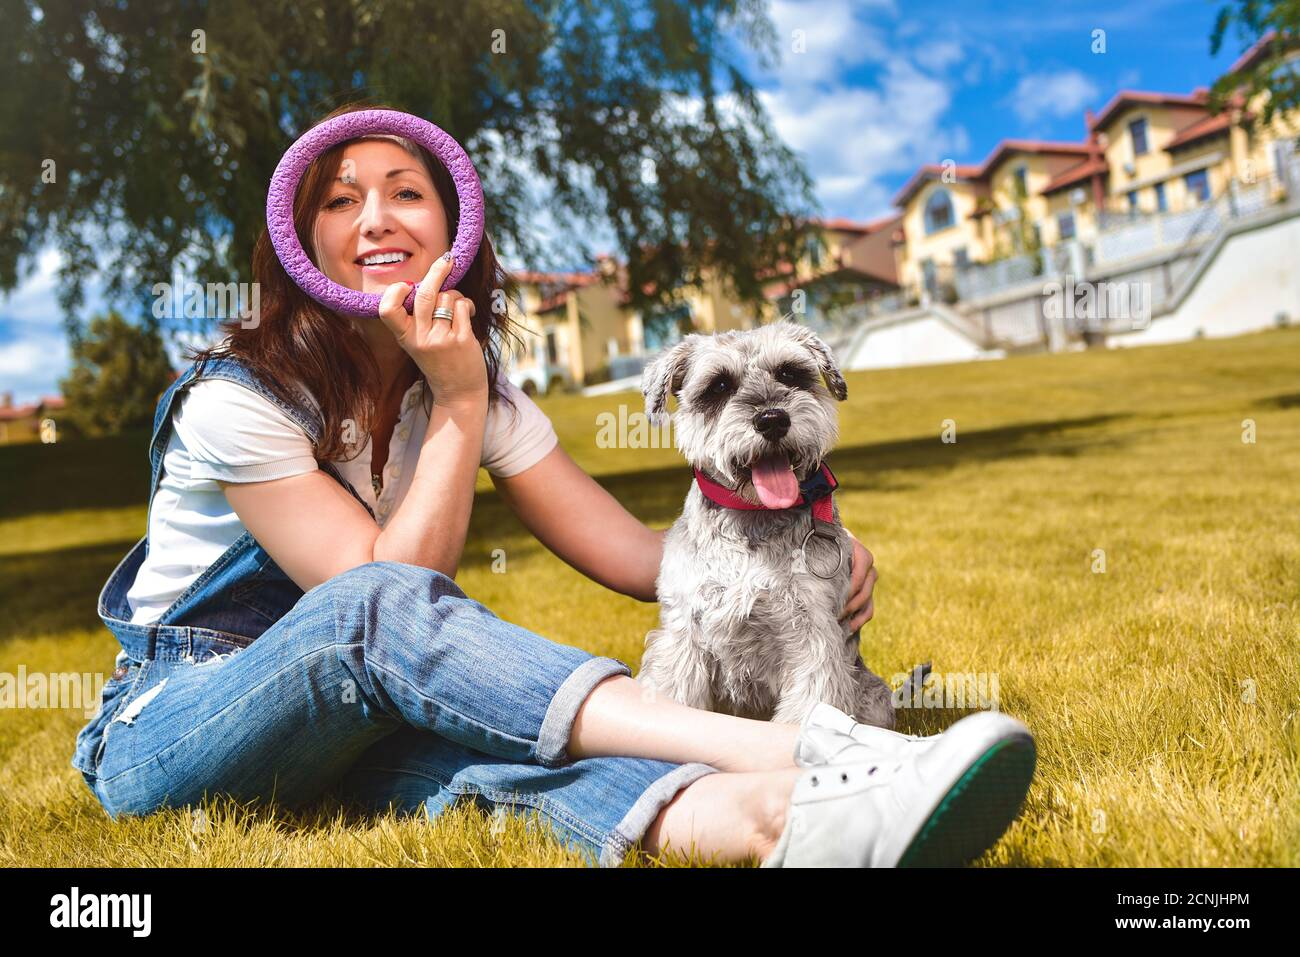 Mujer caucásica alegre jugando con su amado perro en el parque. El concepto de amor a los animales. Mejores amigos. Perro raza Schnau Foto de stock